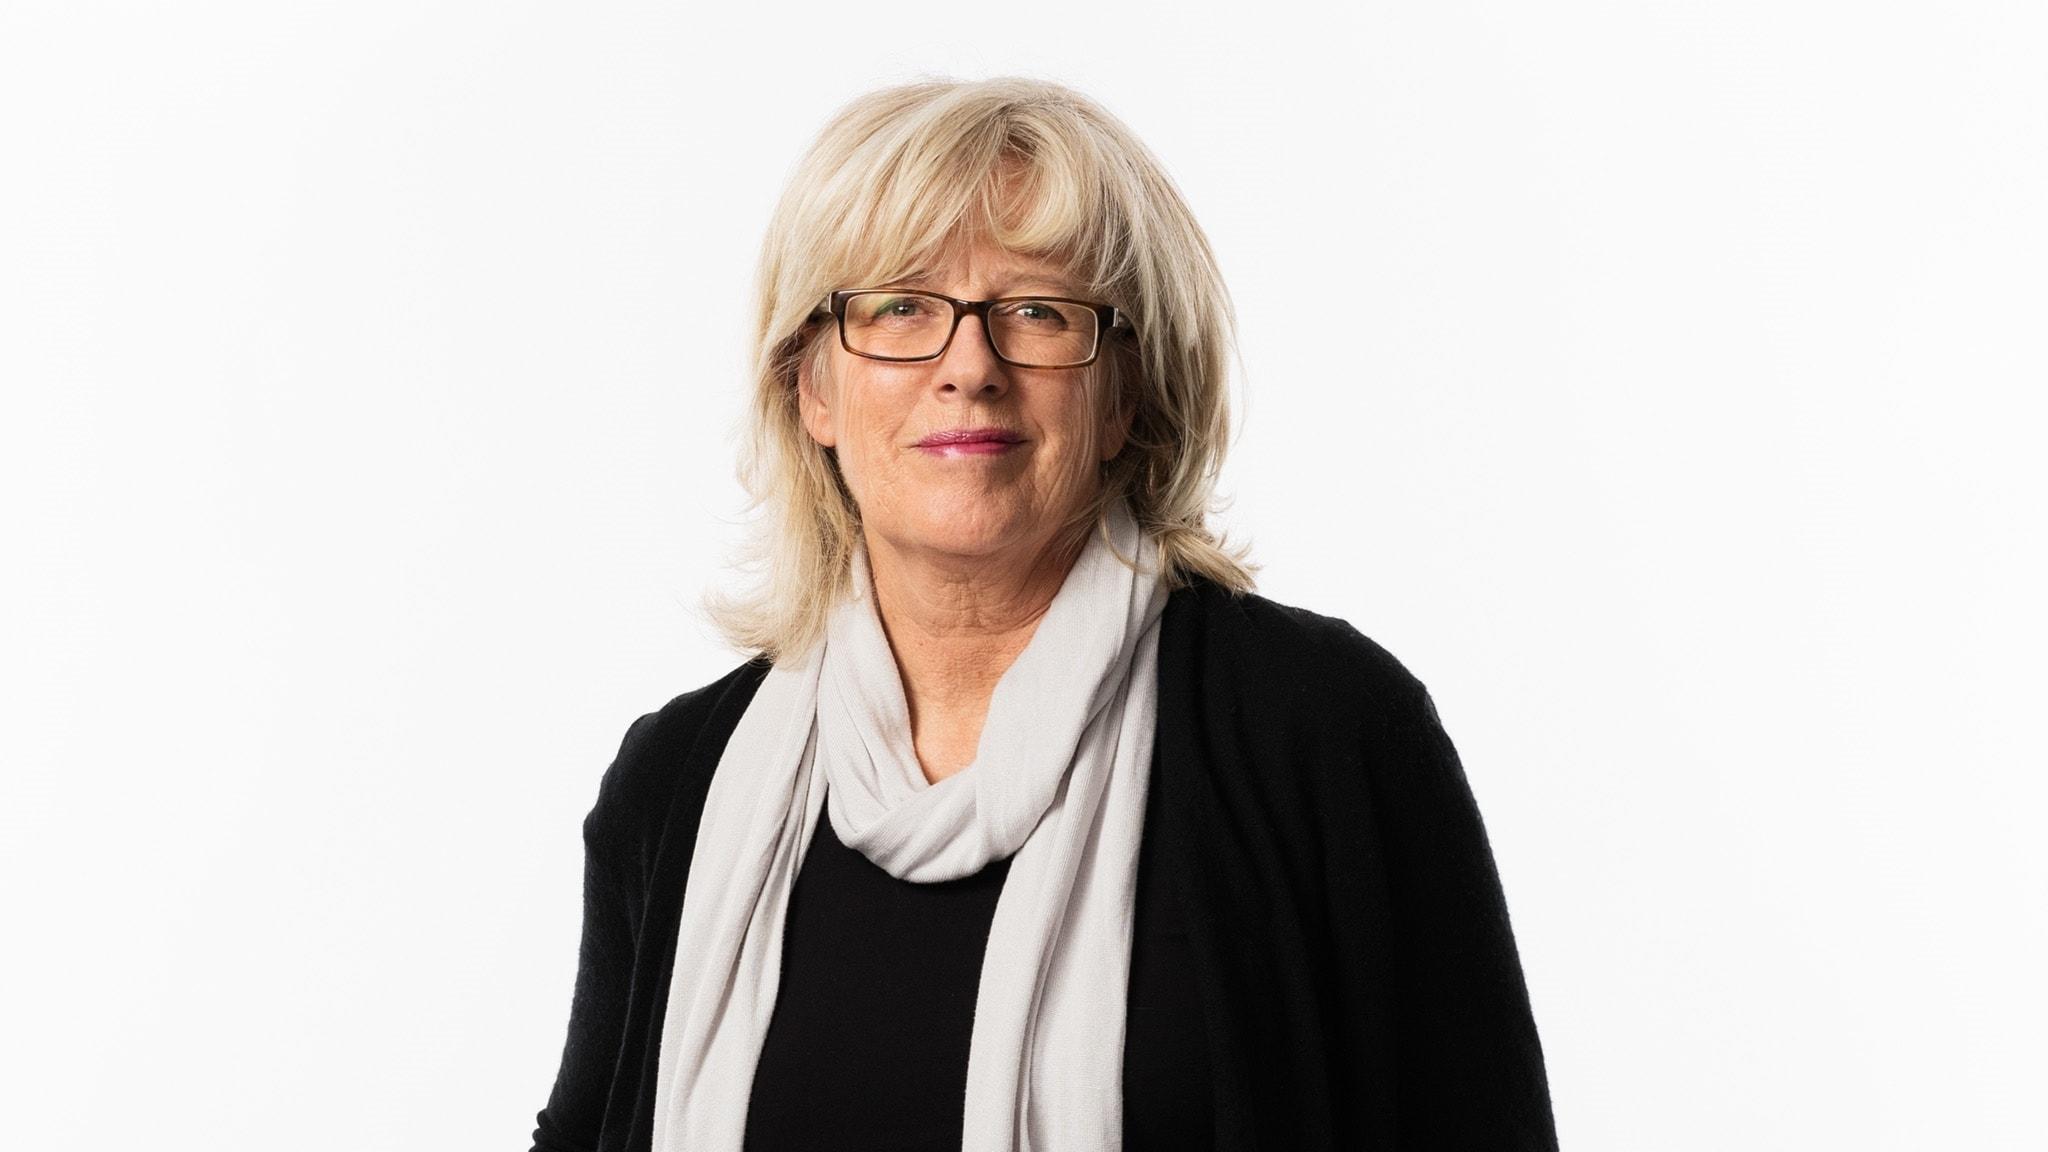 Helena Groll